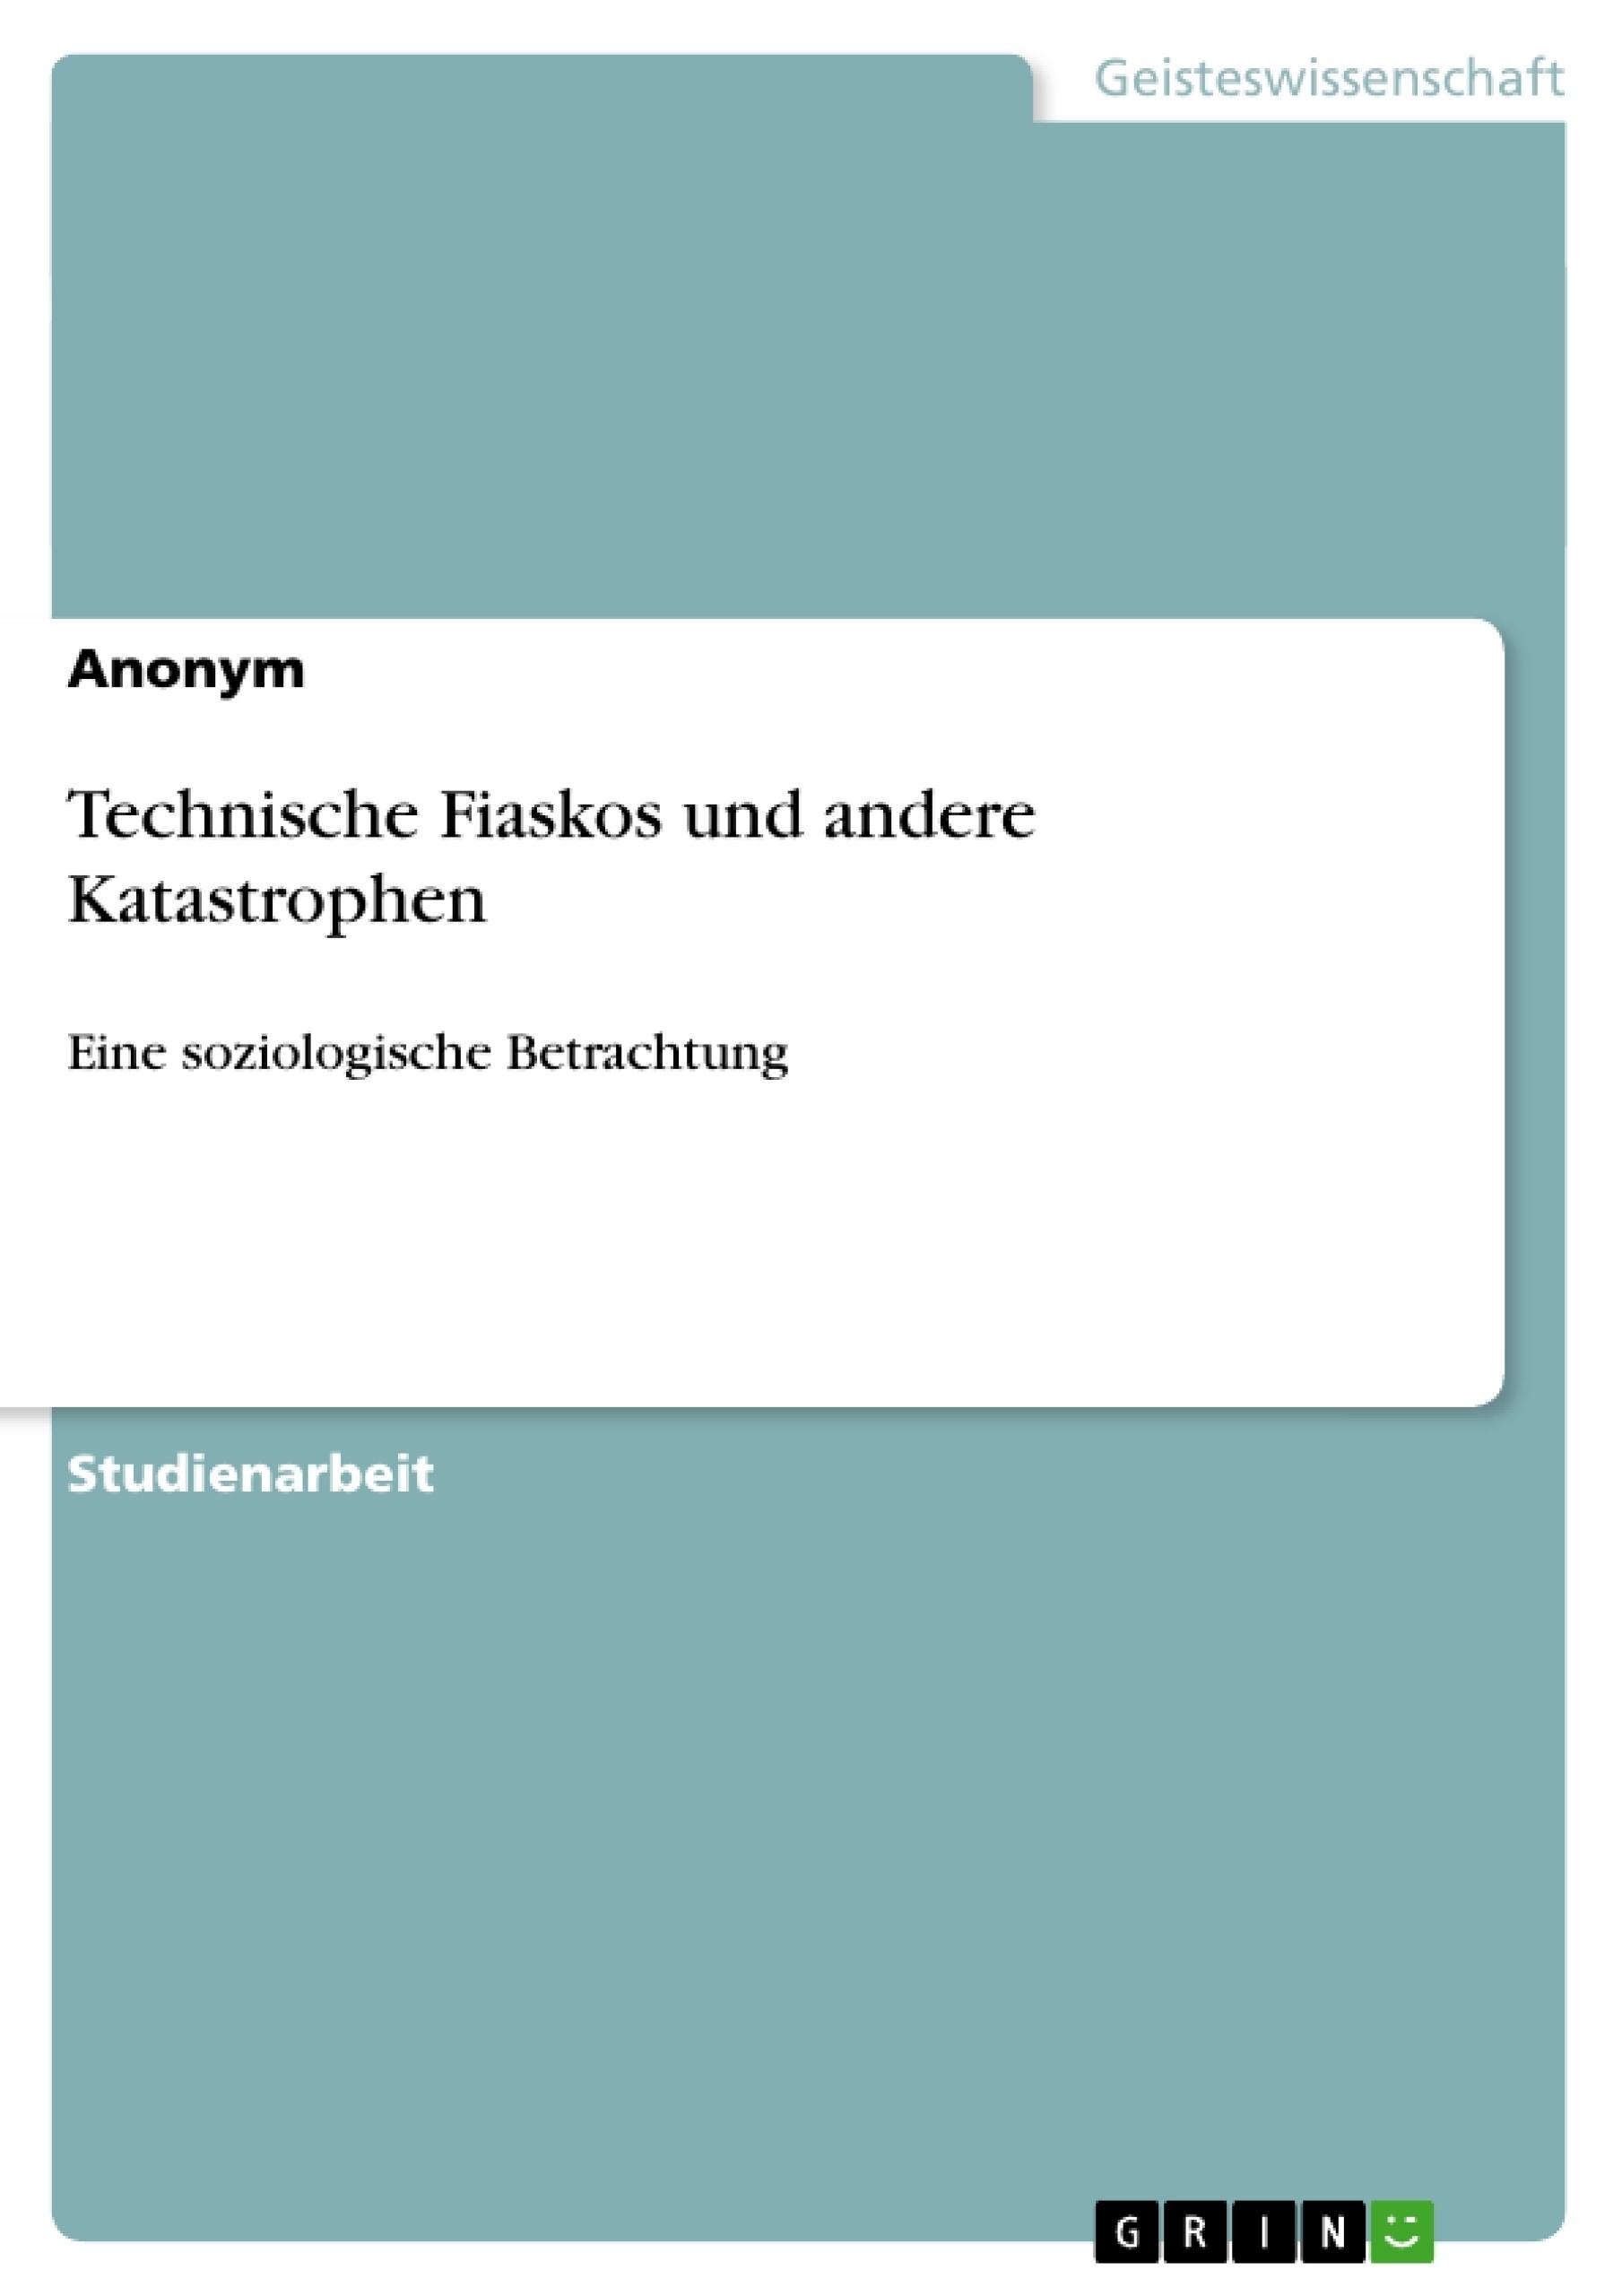 Titel: Technische Fiaskos und andere Katastrophen